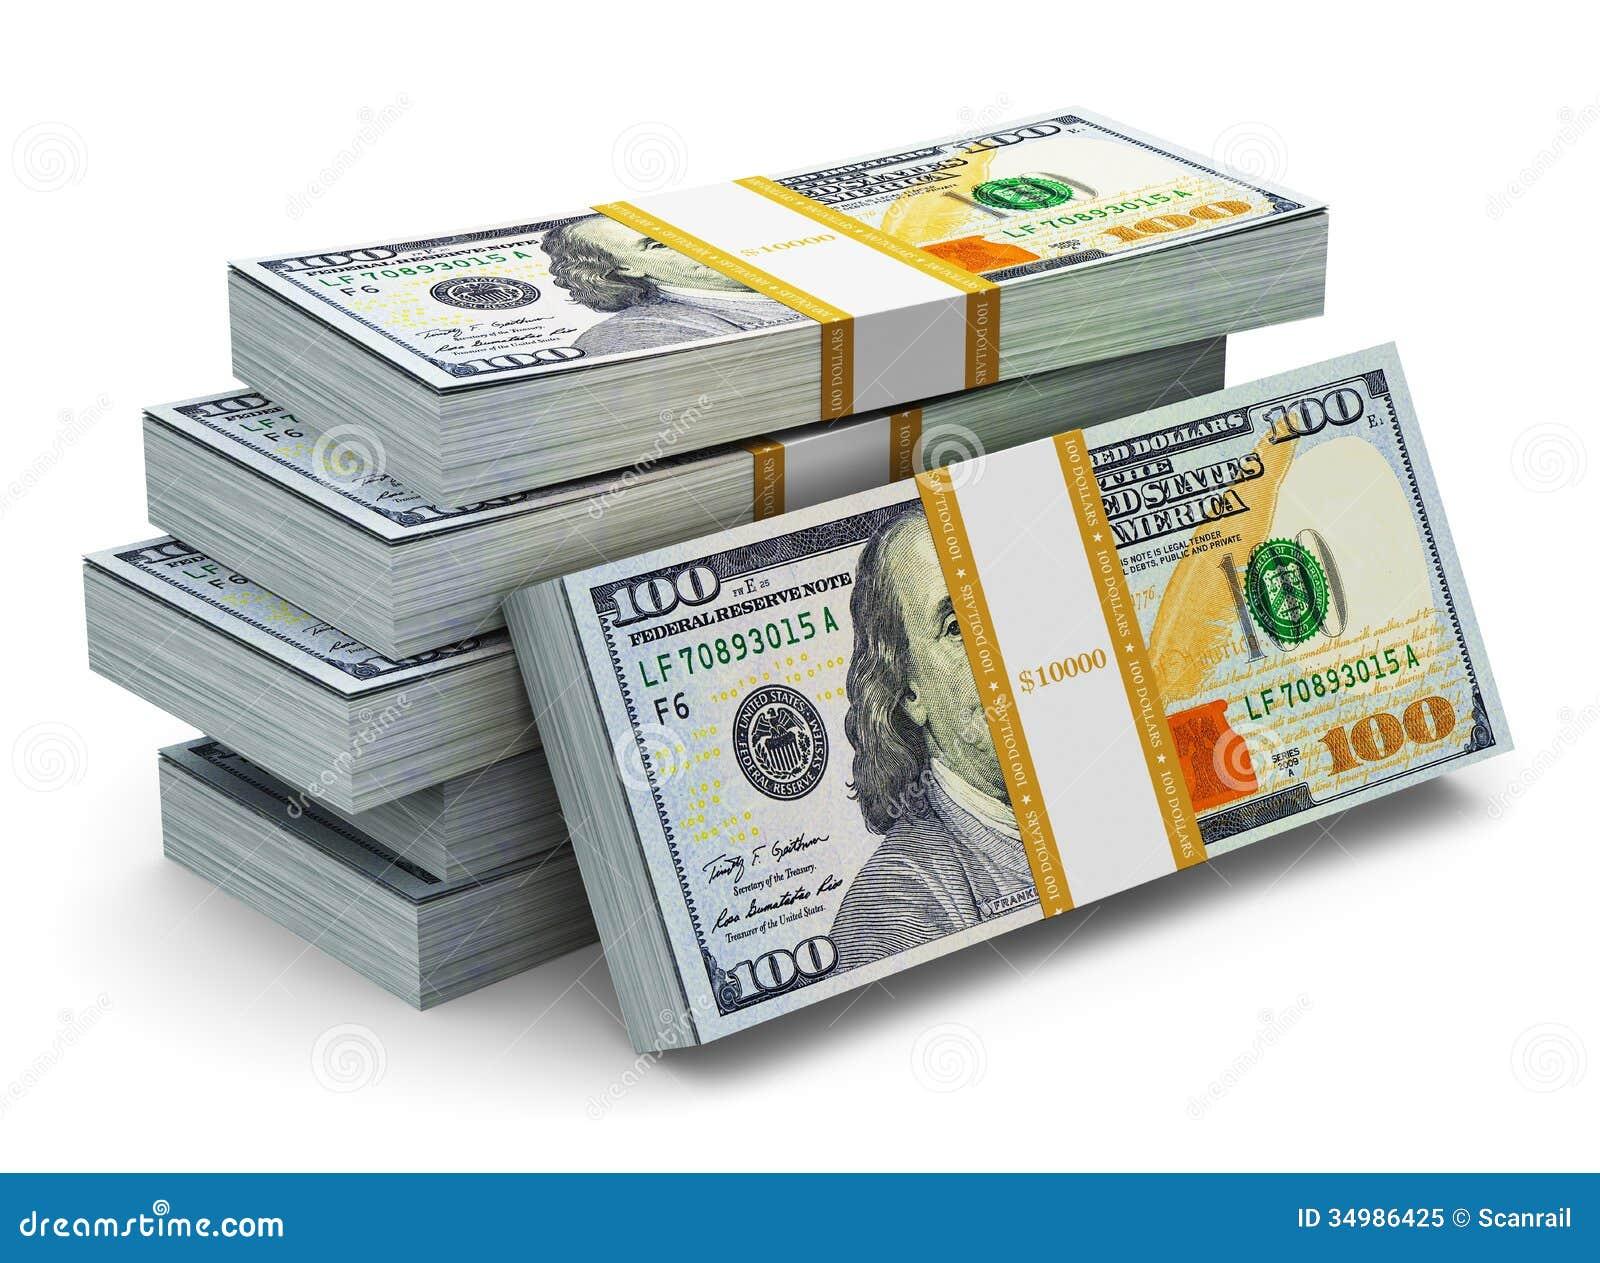 stacks of new 100 us dollar banknotes stock illustration illustration of credit 2013 34986425. Black Bedroom Furniture Sets. Home Design Ideas